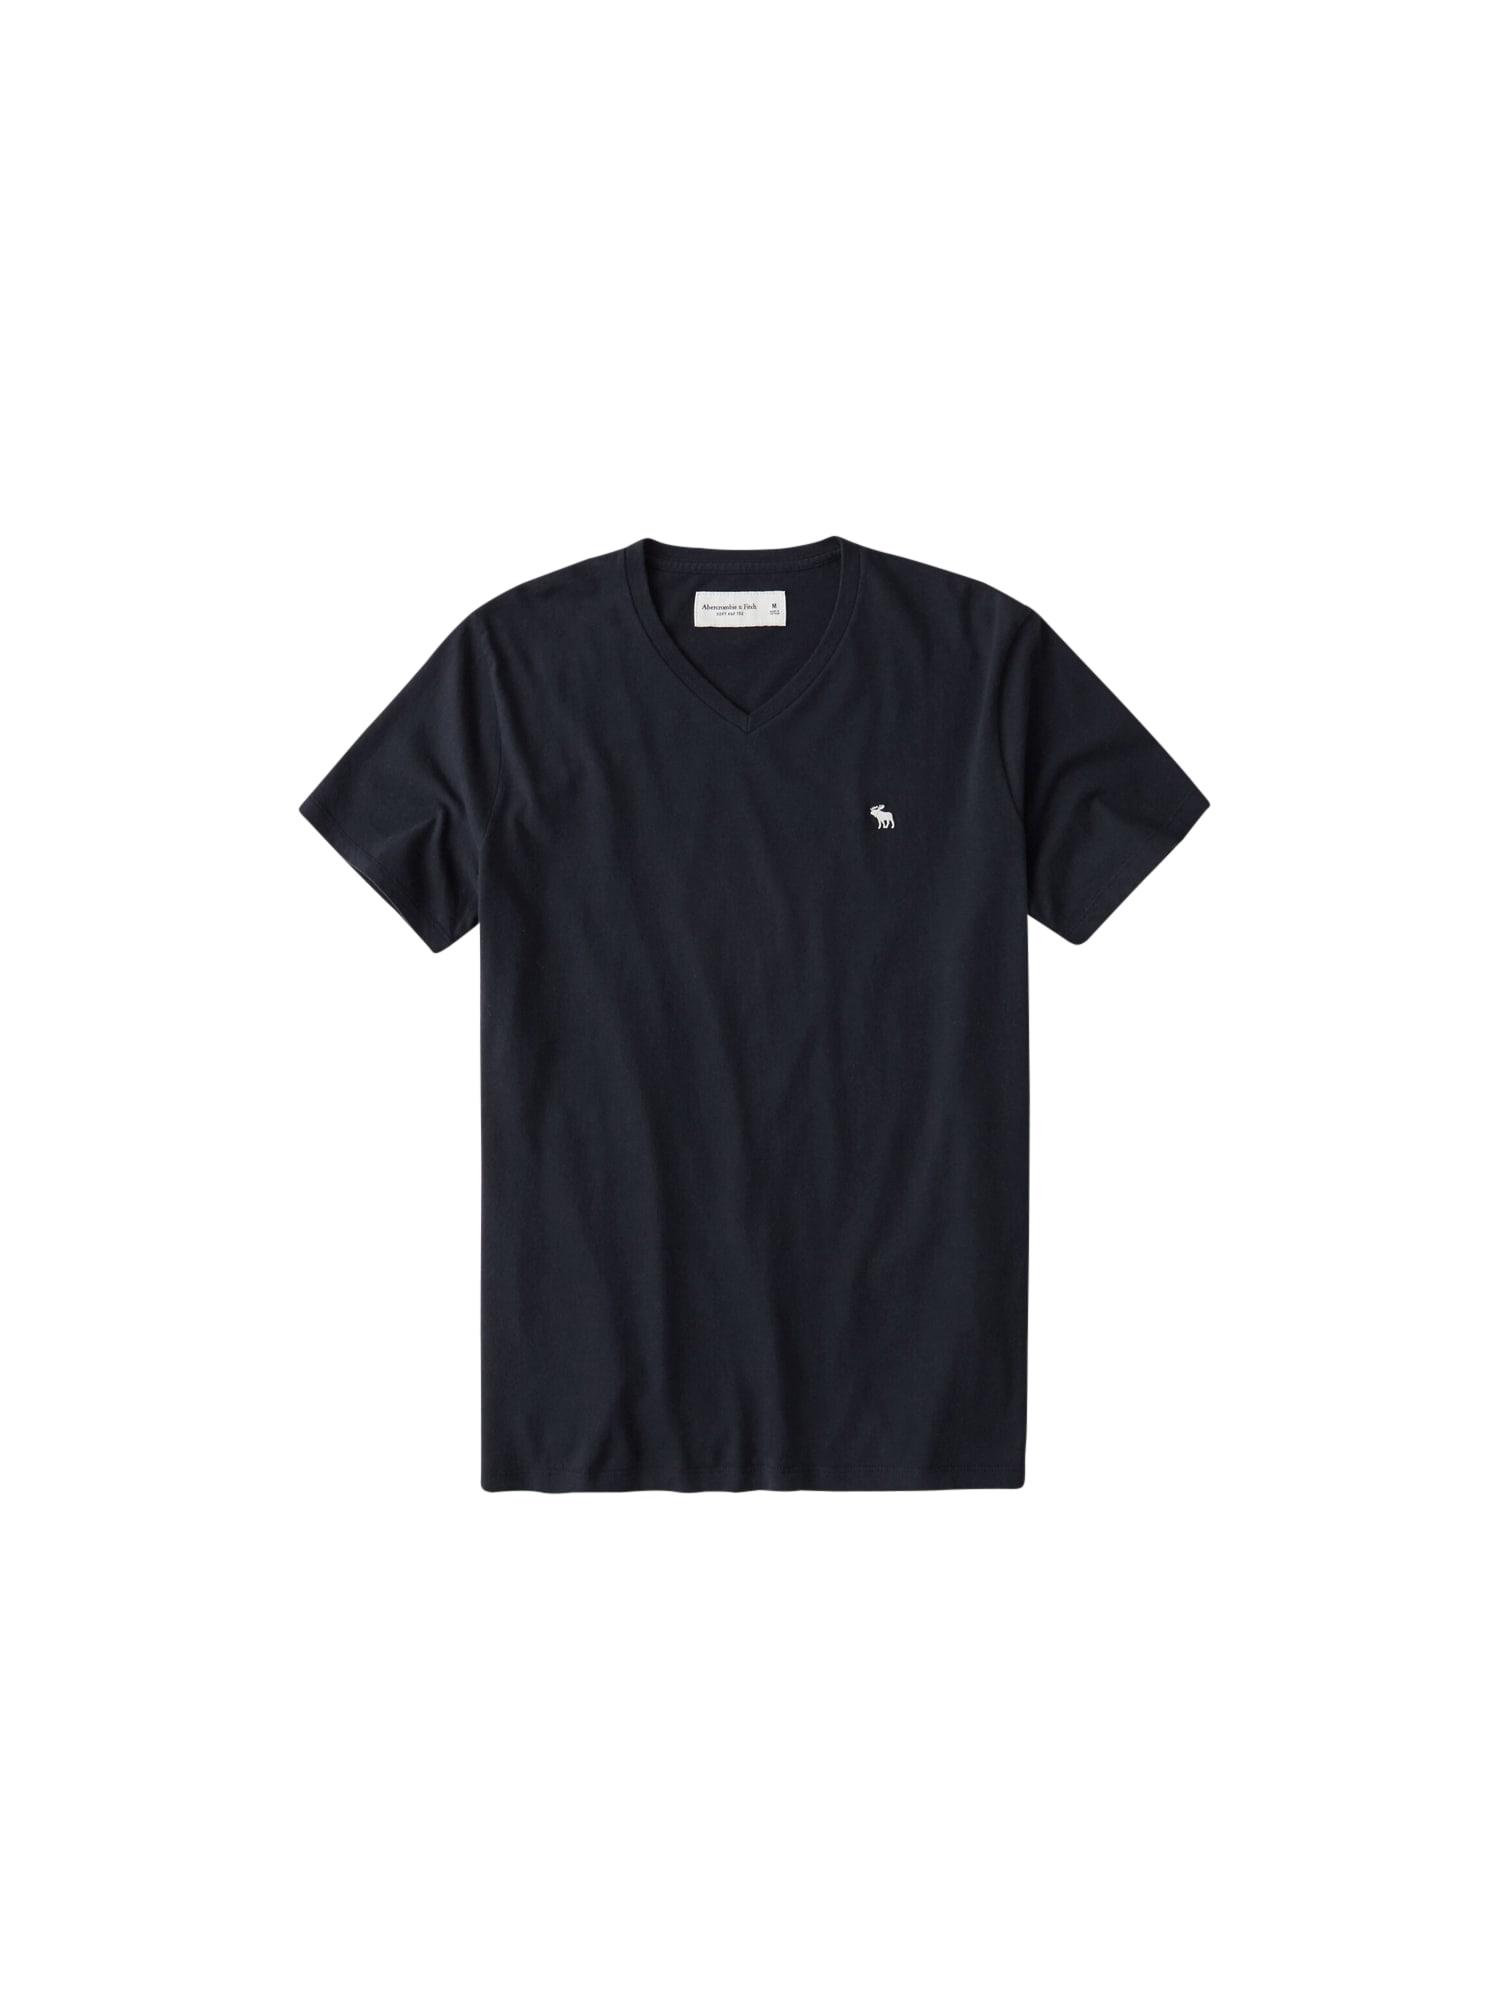 Abercrombie & Fitch Marškinėliai nakties mėlyna